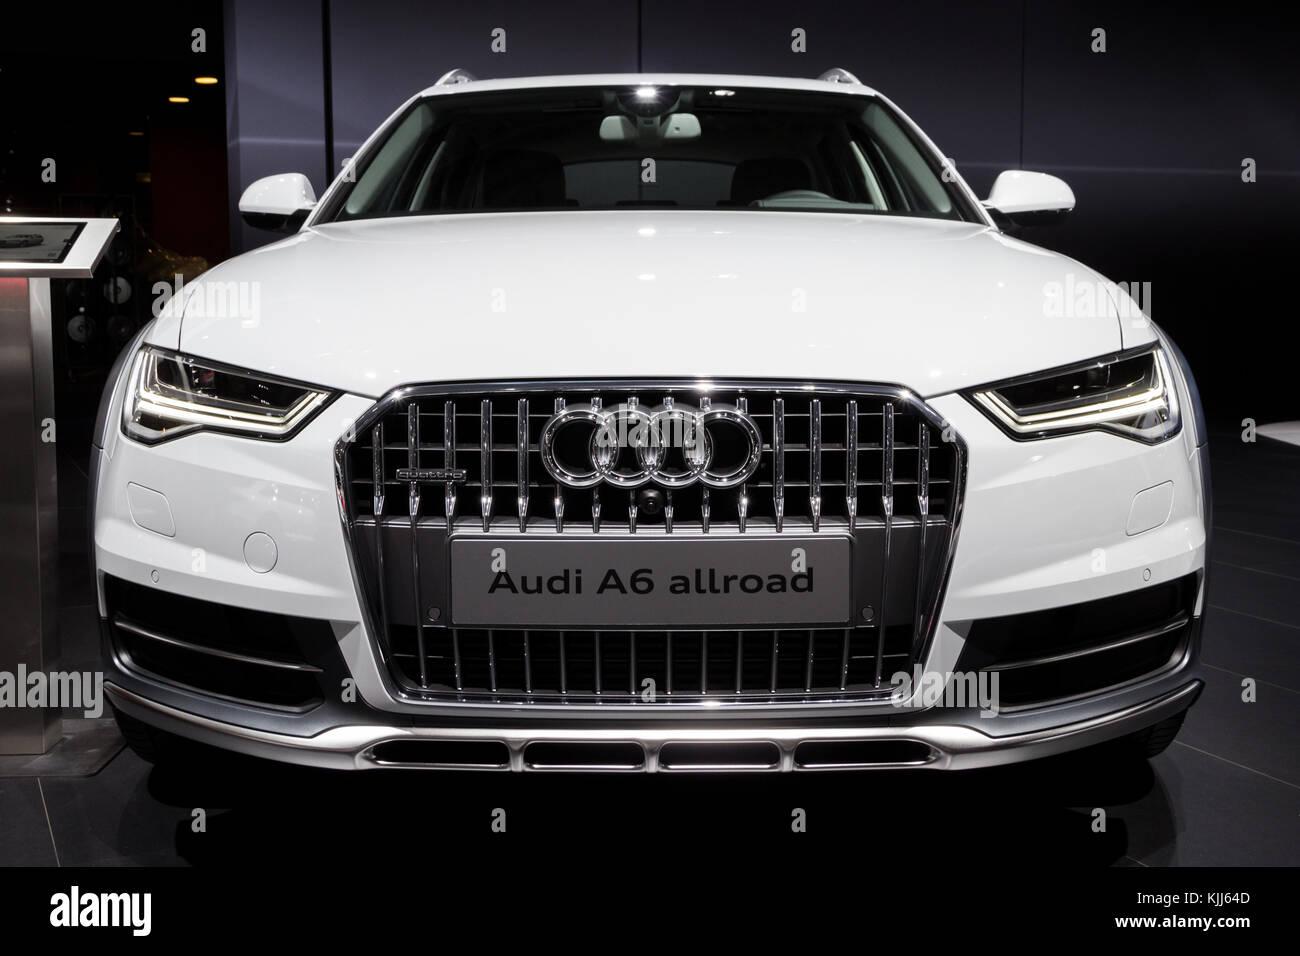 Kelebihan Audi A6 Allroad 2016 Perbandingan Harga